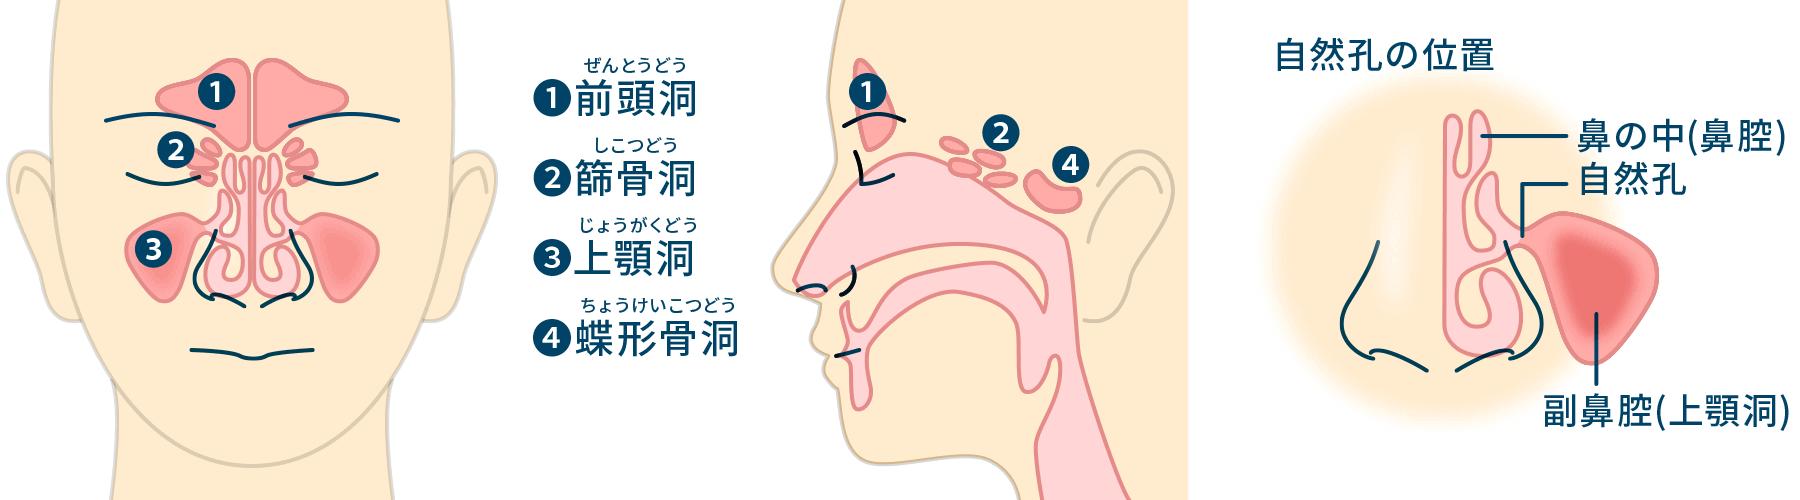 頭痛 蓄膿症